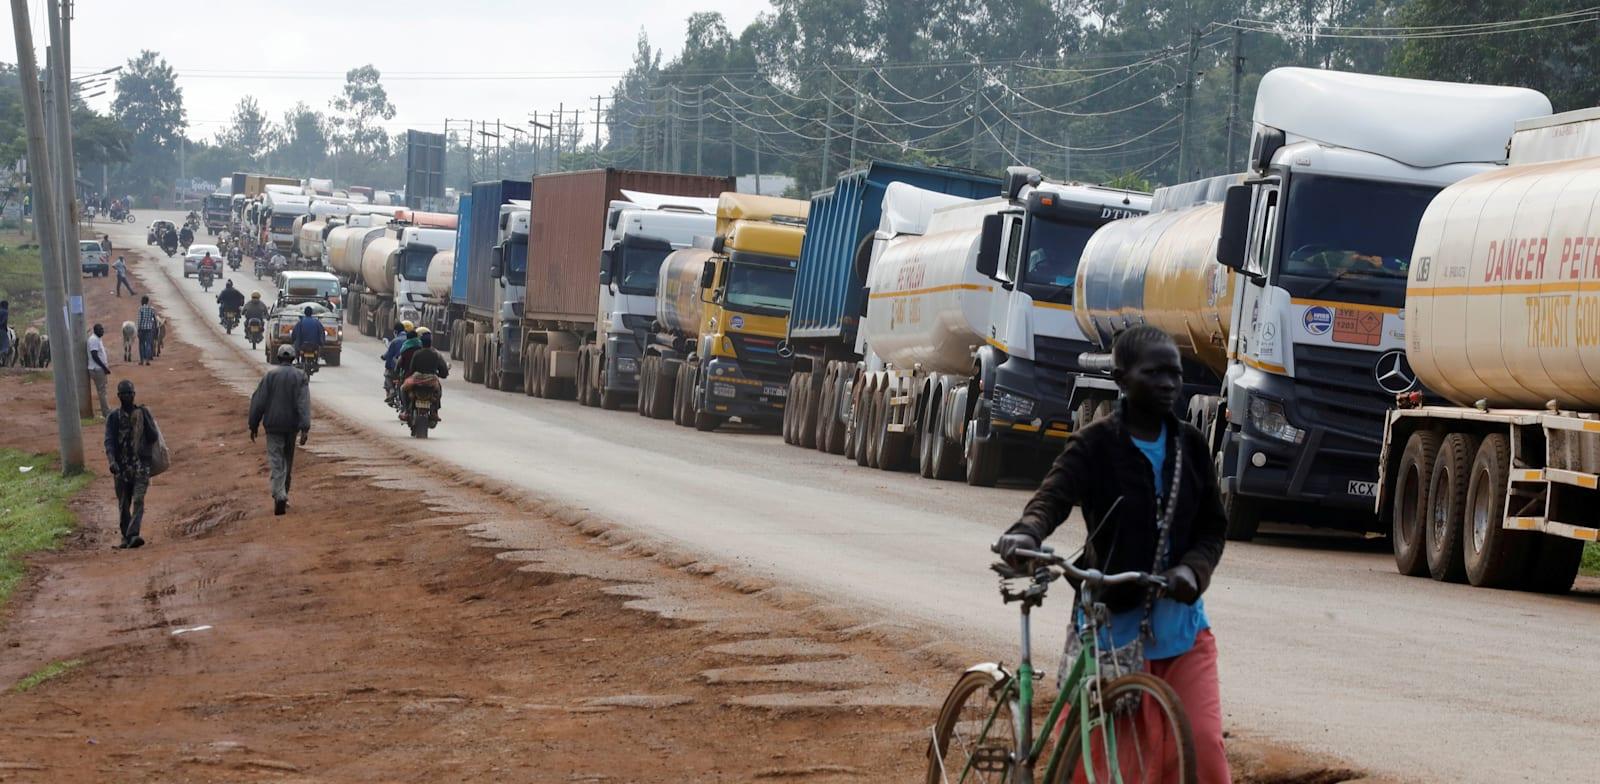 משאיות ממתינות בפקק  של 10 קילומטר בדרך  לגבול בין קניה לאוגנדה בנובמבר / צילום: Reuters, BAZ RATNER